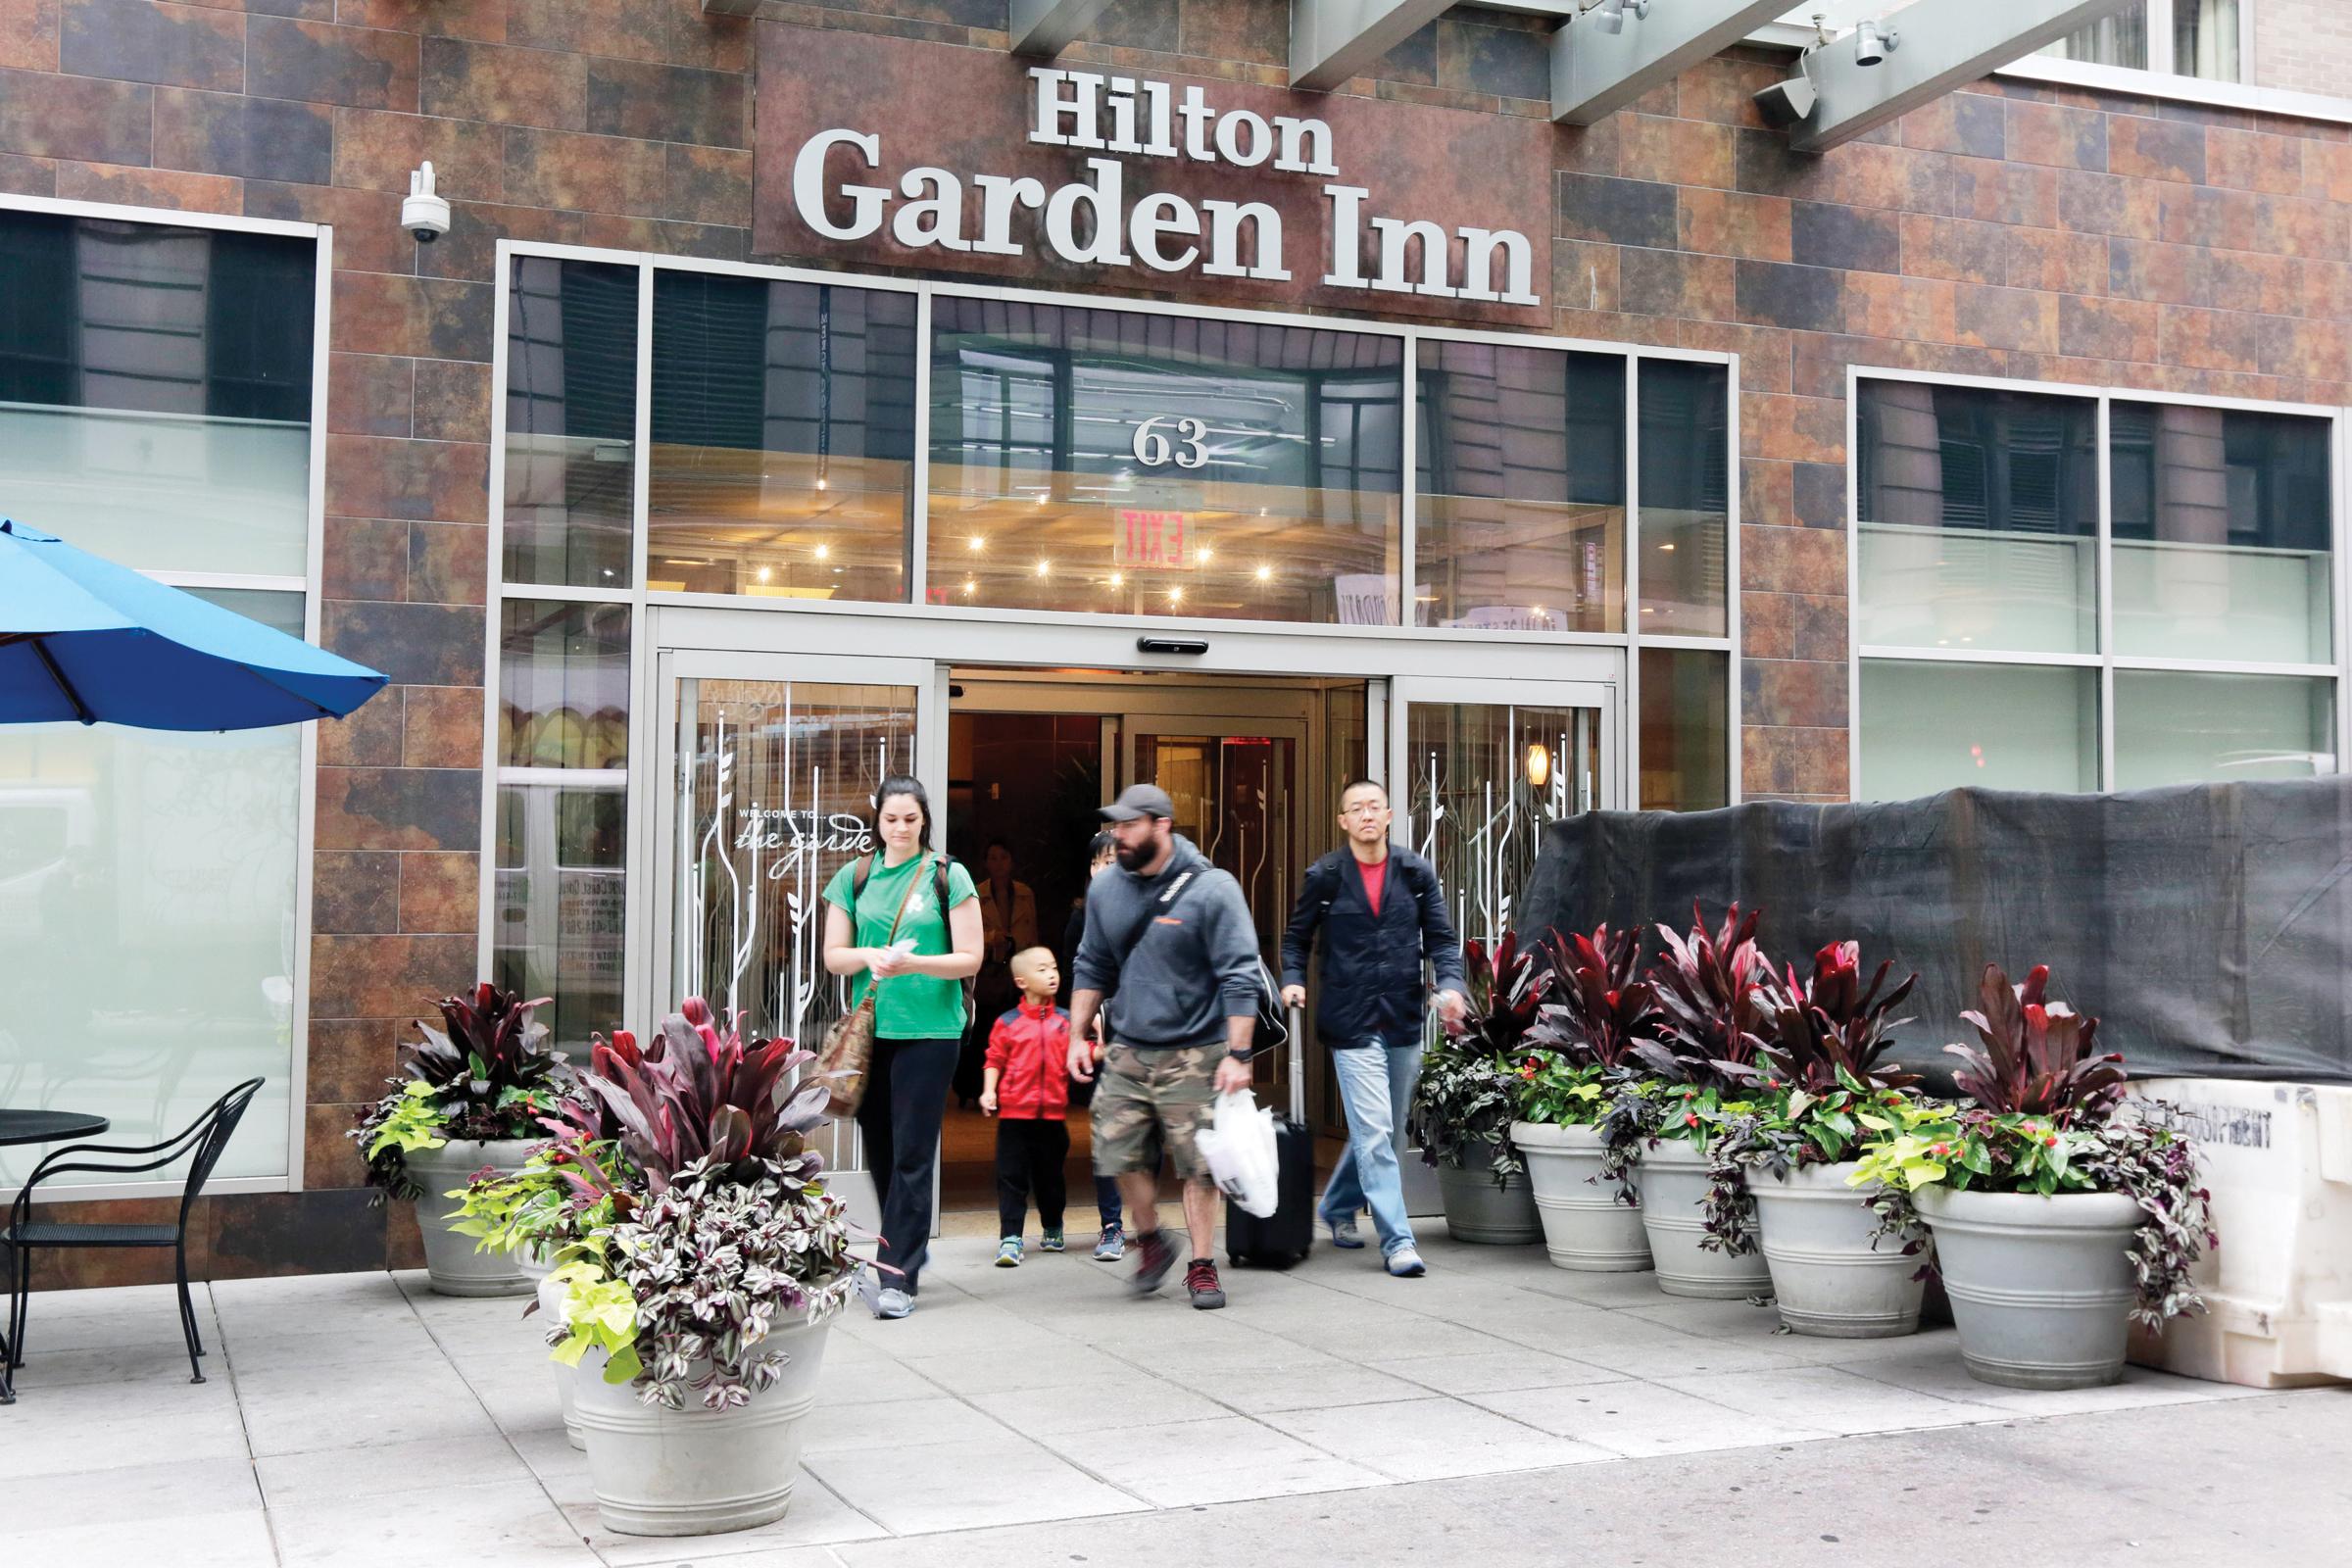 Hilton despide 2100 empleados